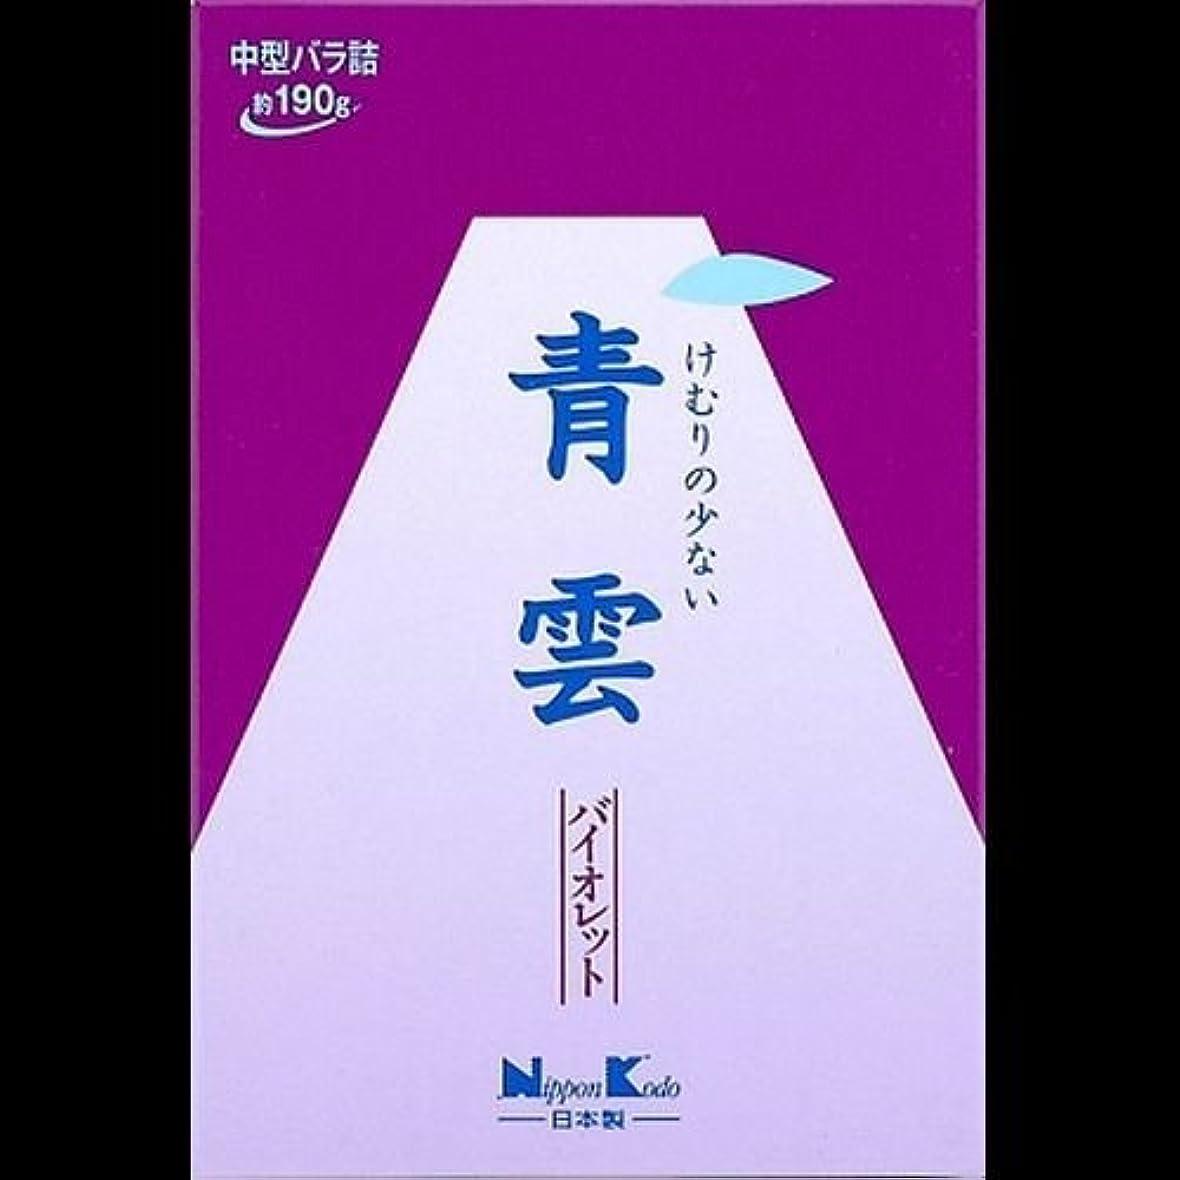 誤って輸送谷【まとめ買い】青雲 バイオレット中型バラ詰 ×2セット